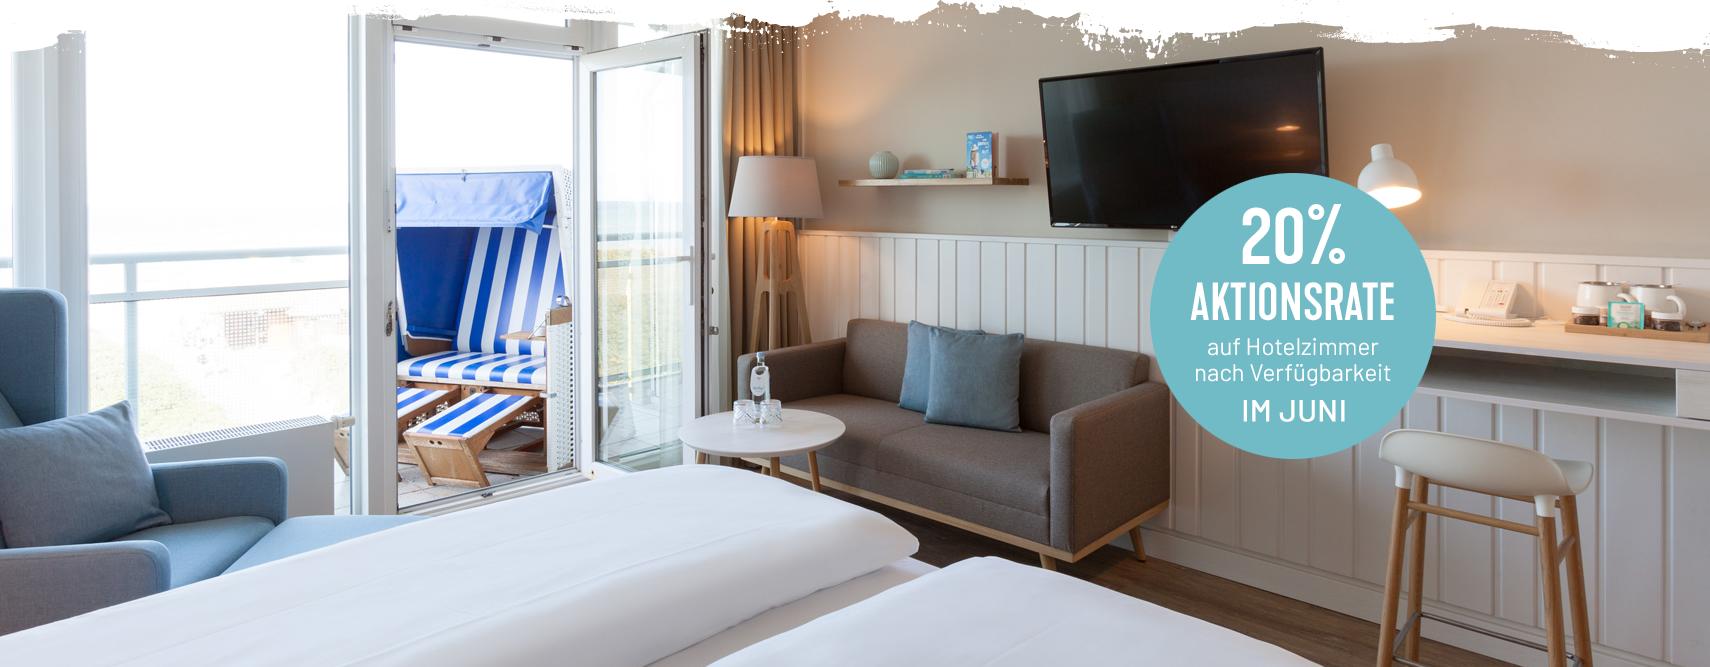 Hotelzimmer mit kostenfreier Stornierung im Wyn. Strandhotel Sylt buchen